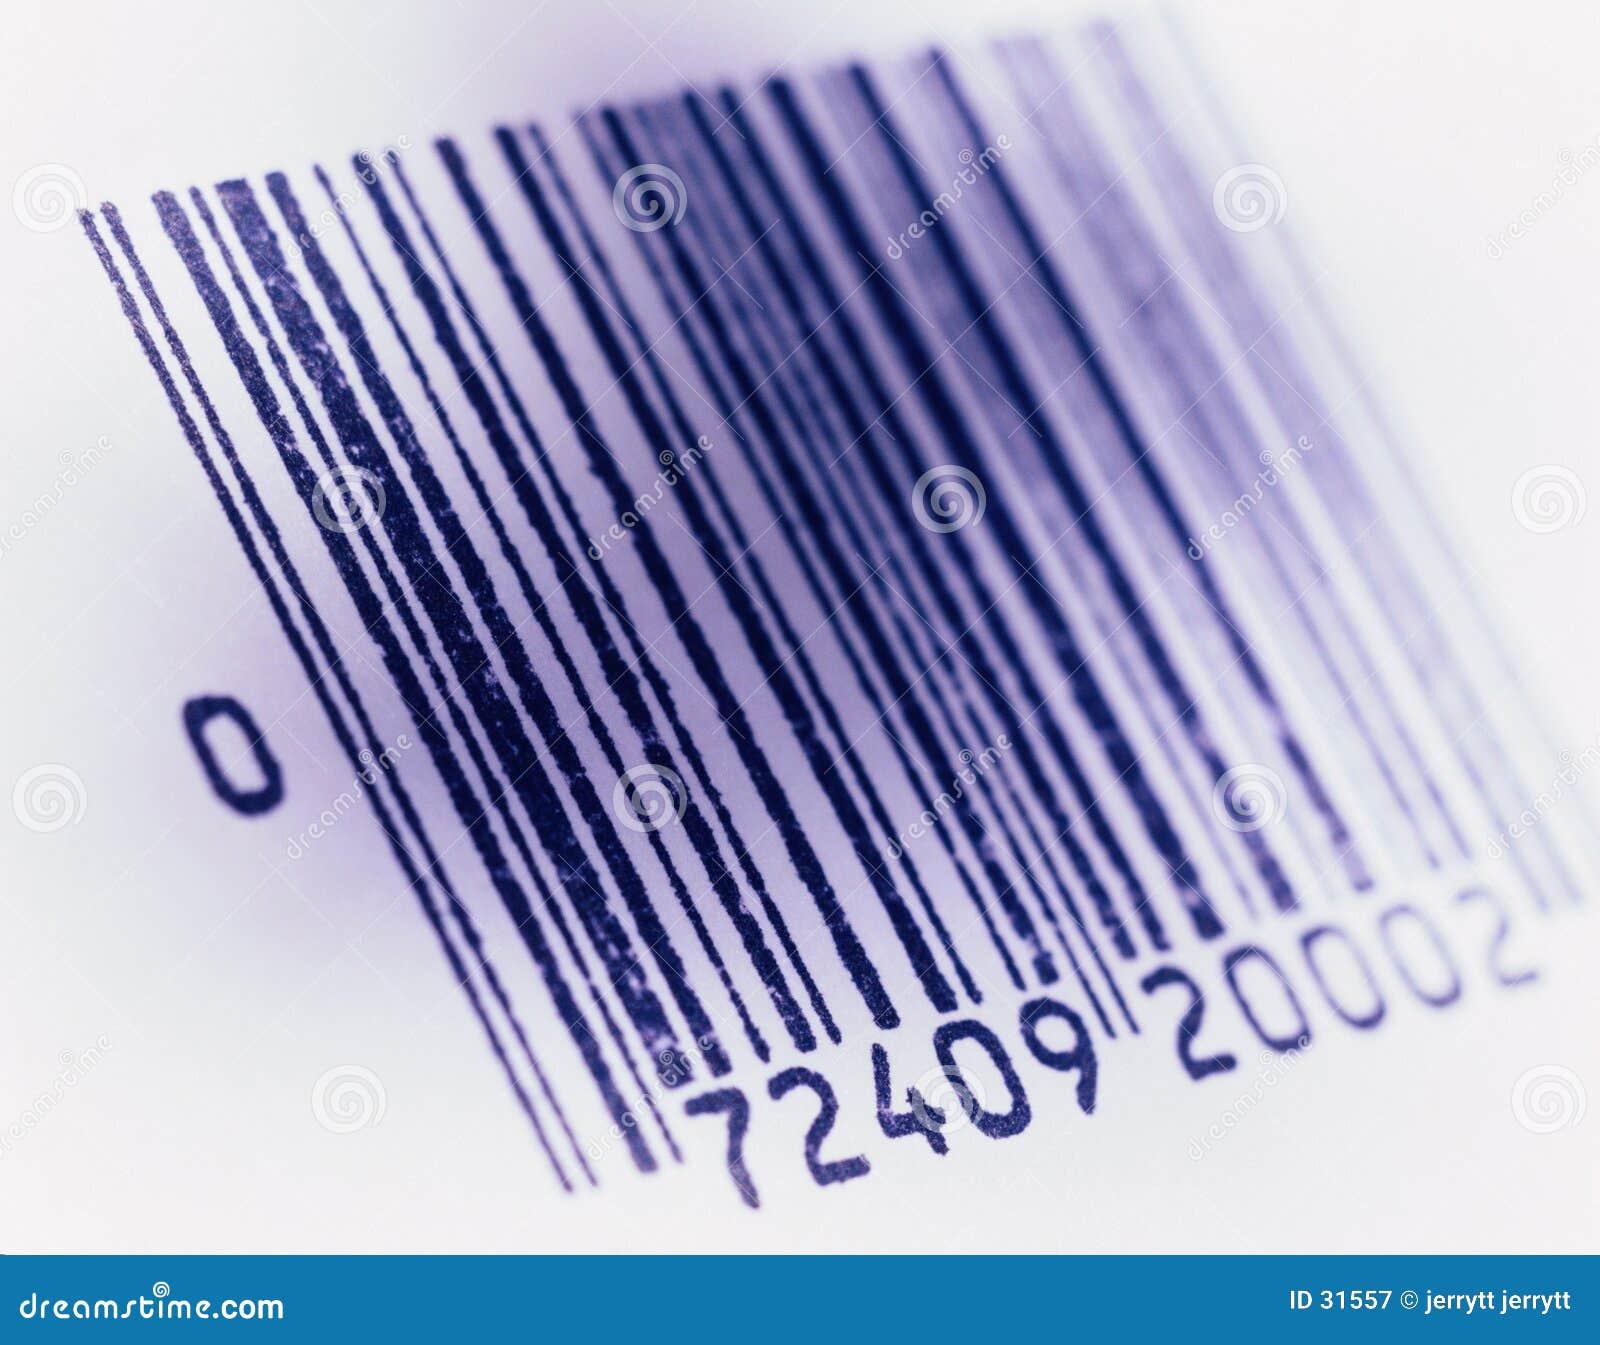 Imagem com código de barras